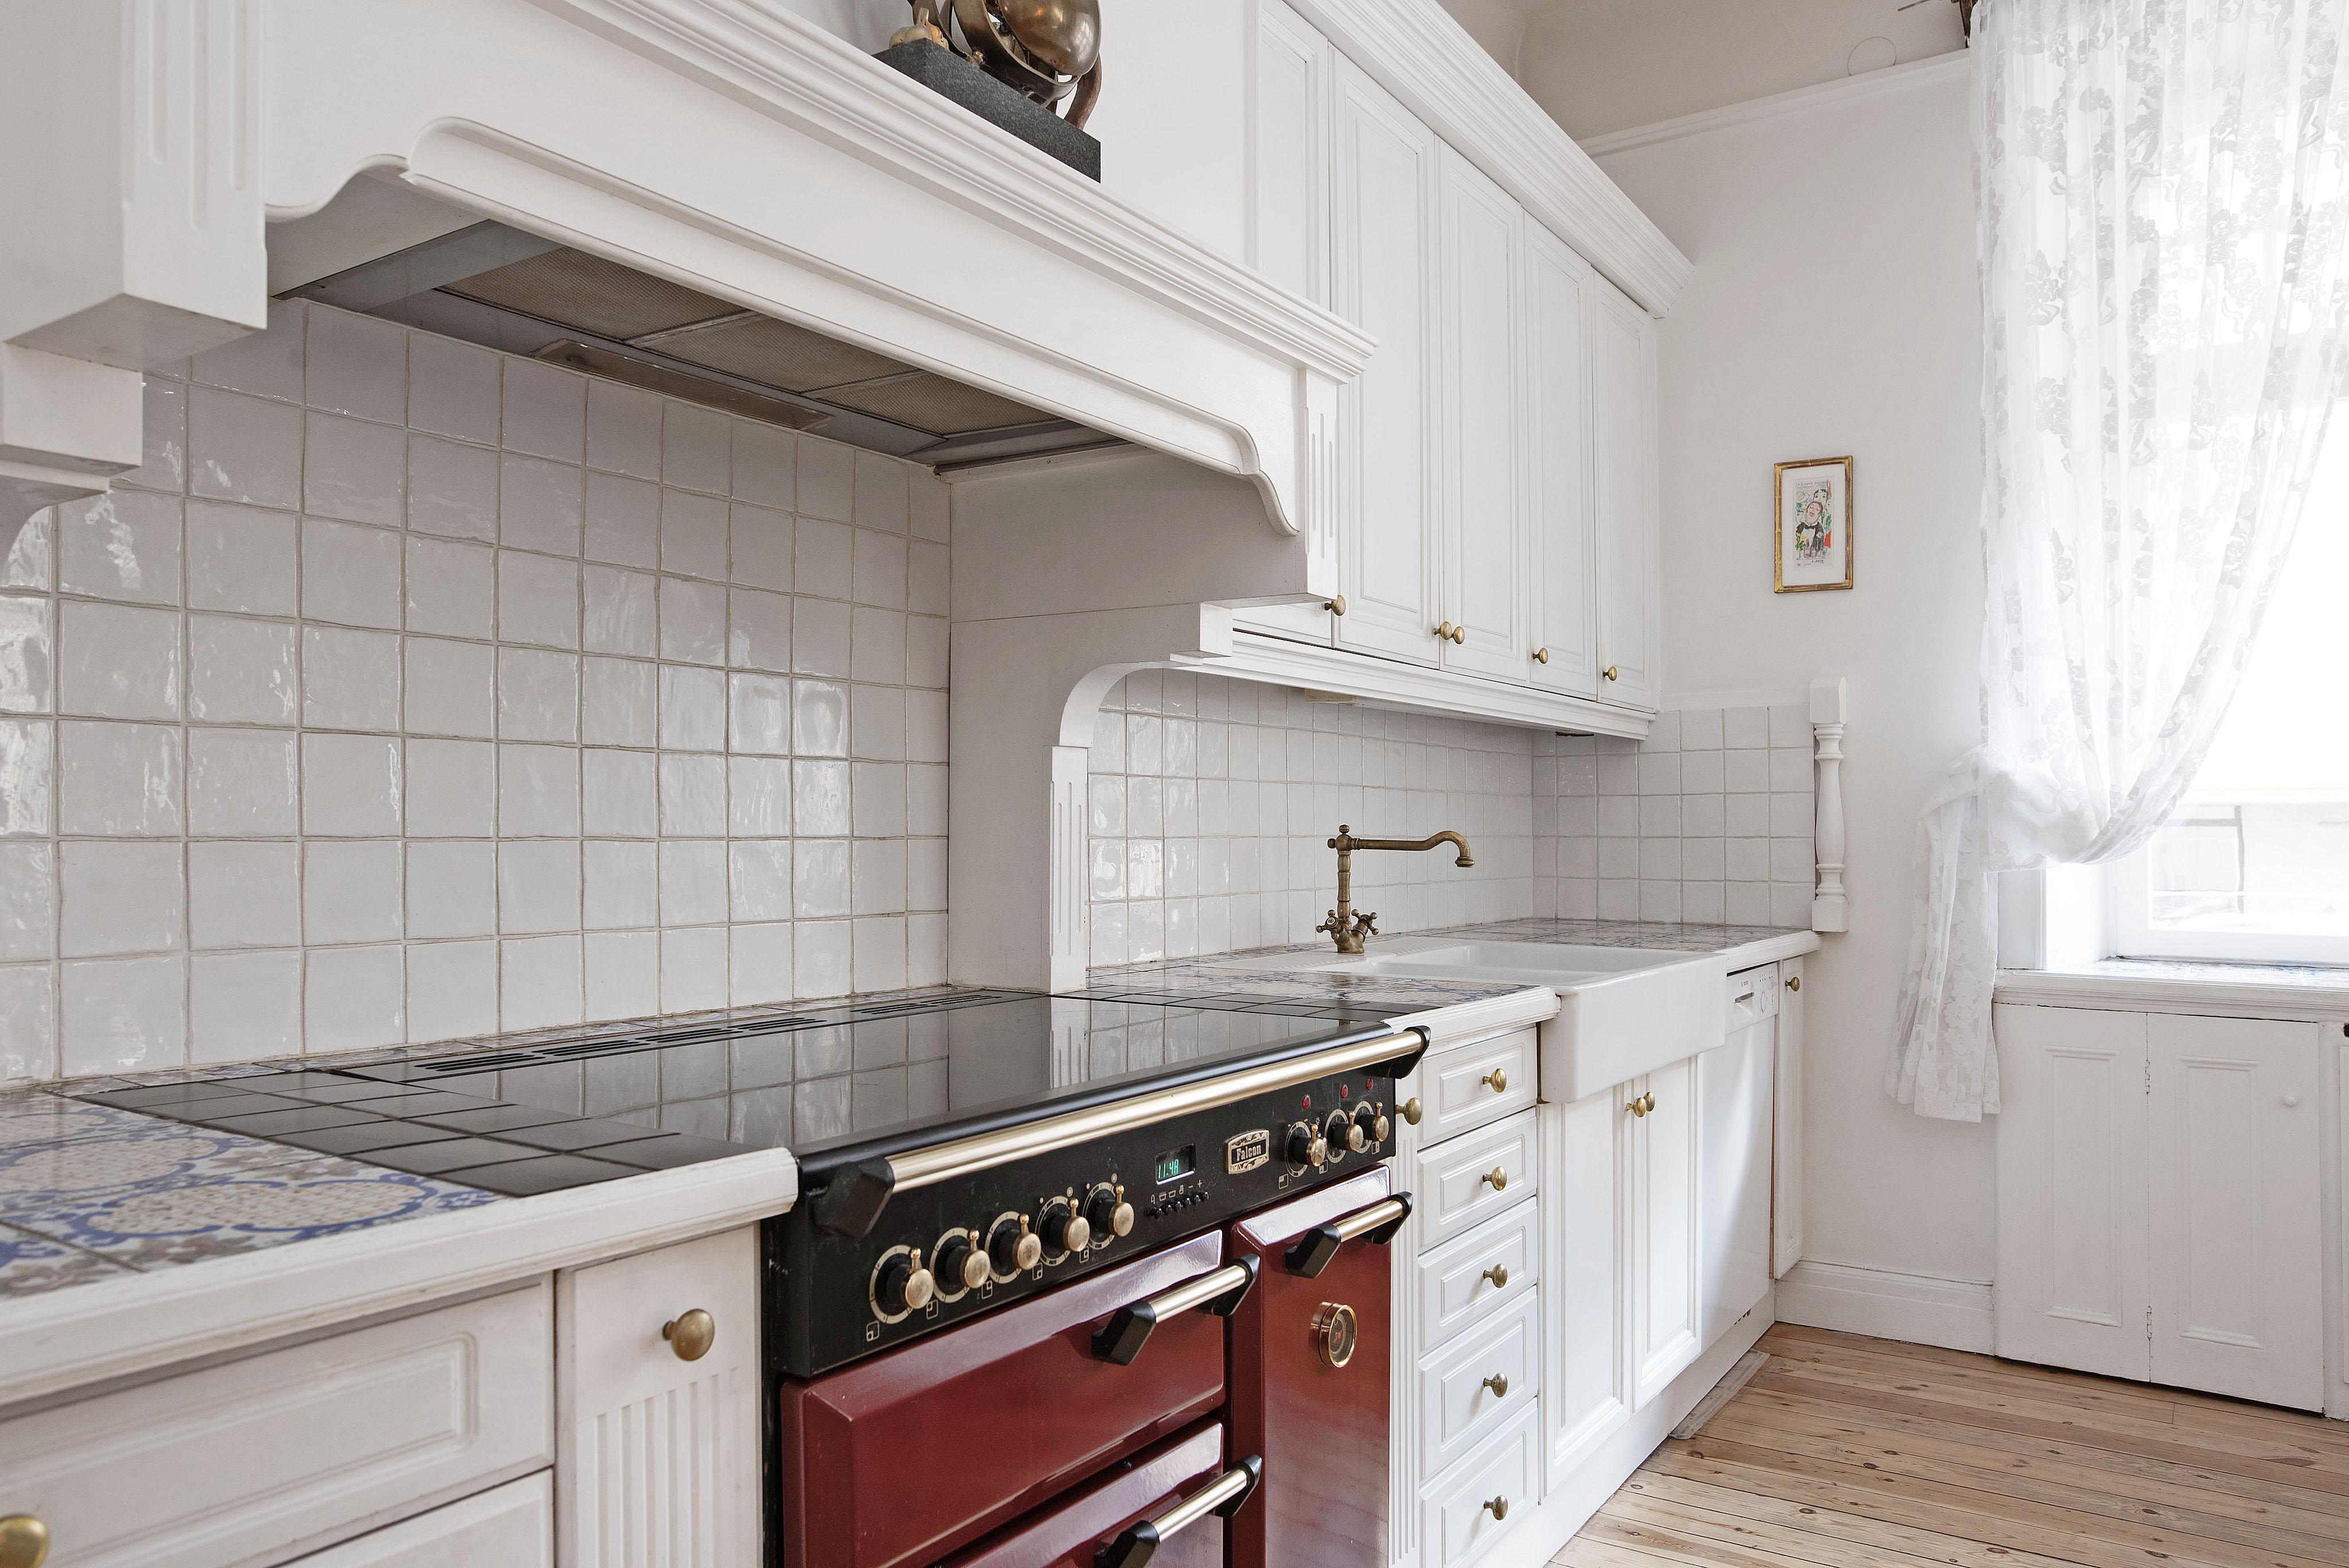 Fin skåpinredning i köket